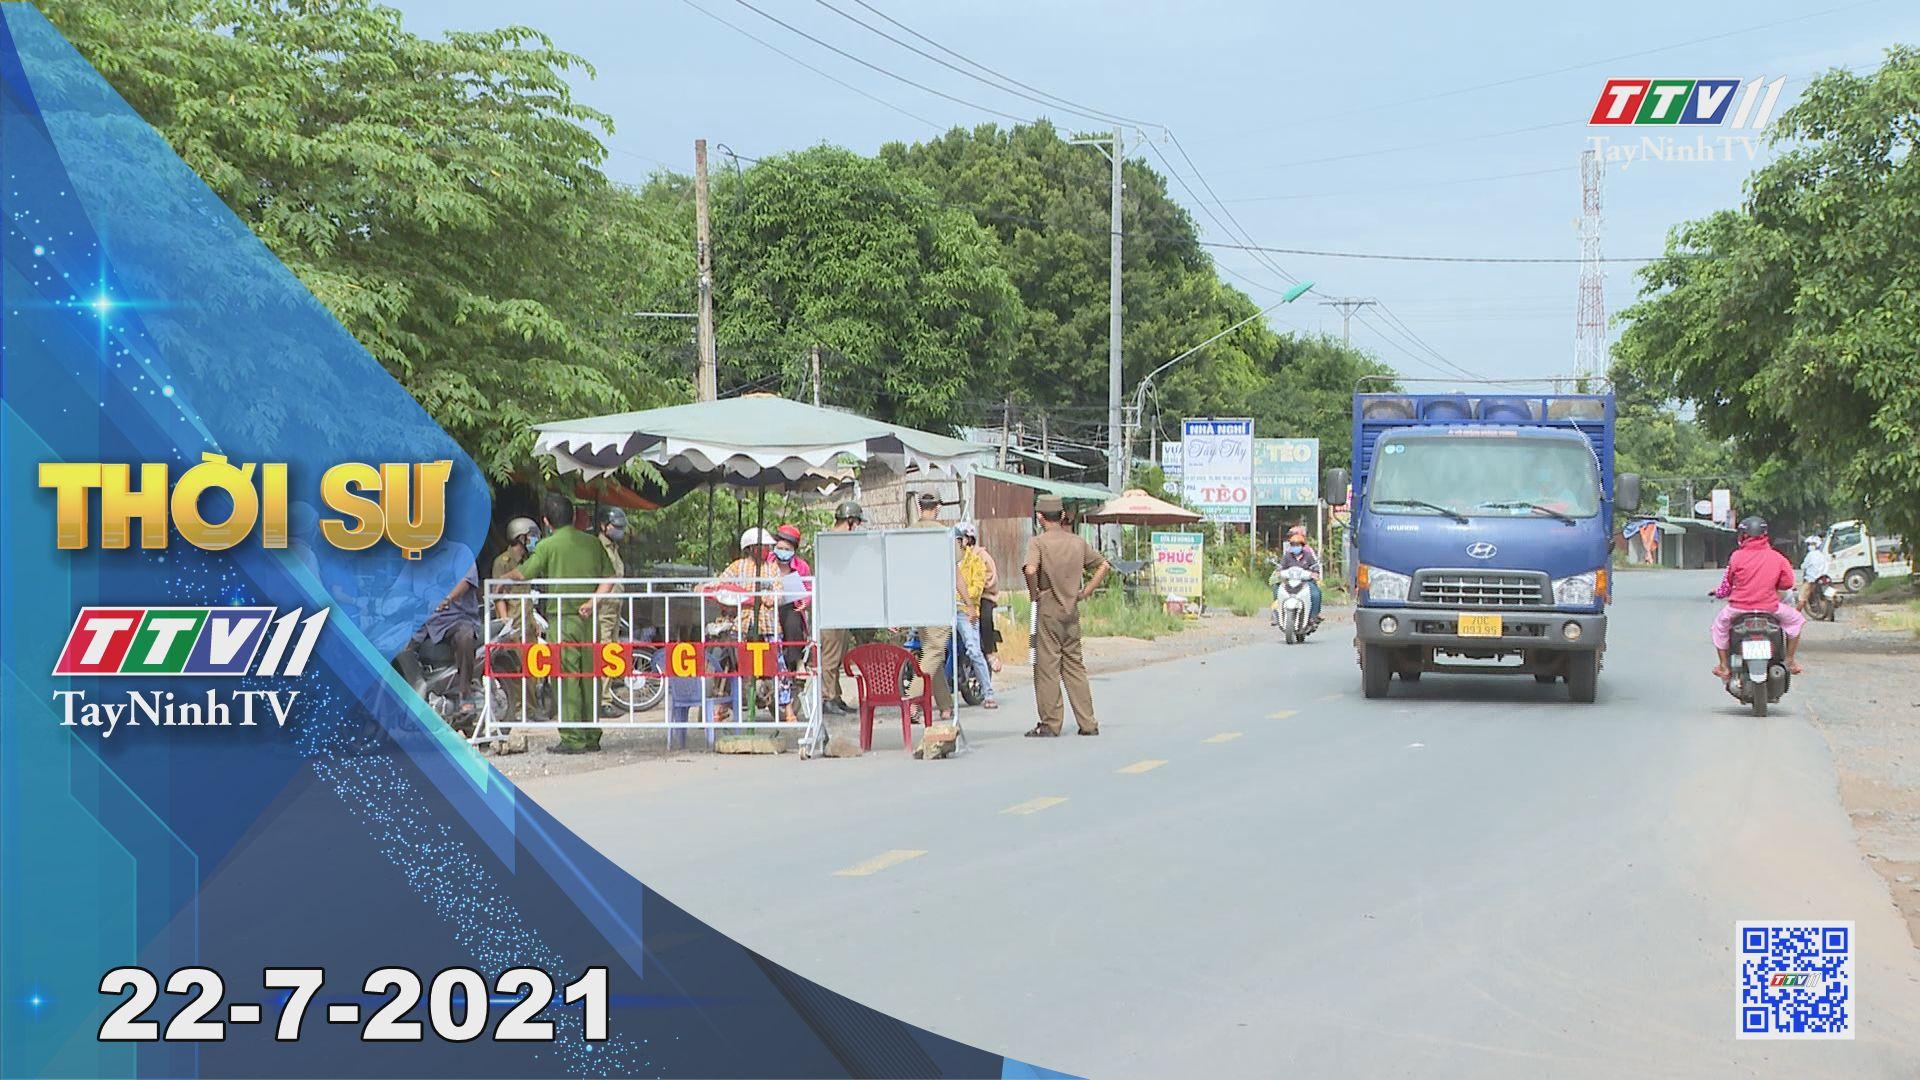 Thời sự Tây Ninh 22-7-2021 | Tin tức hôm nay | TayNinhTV